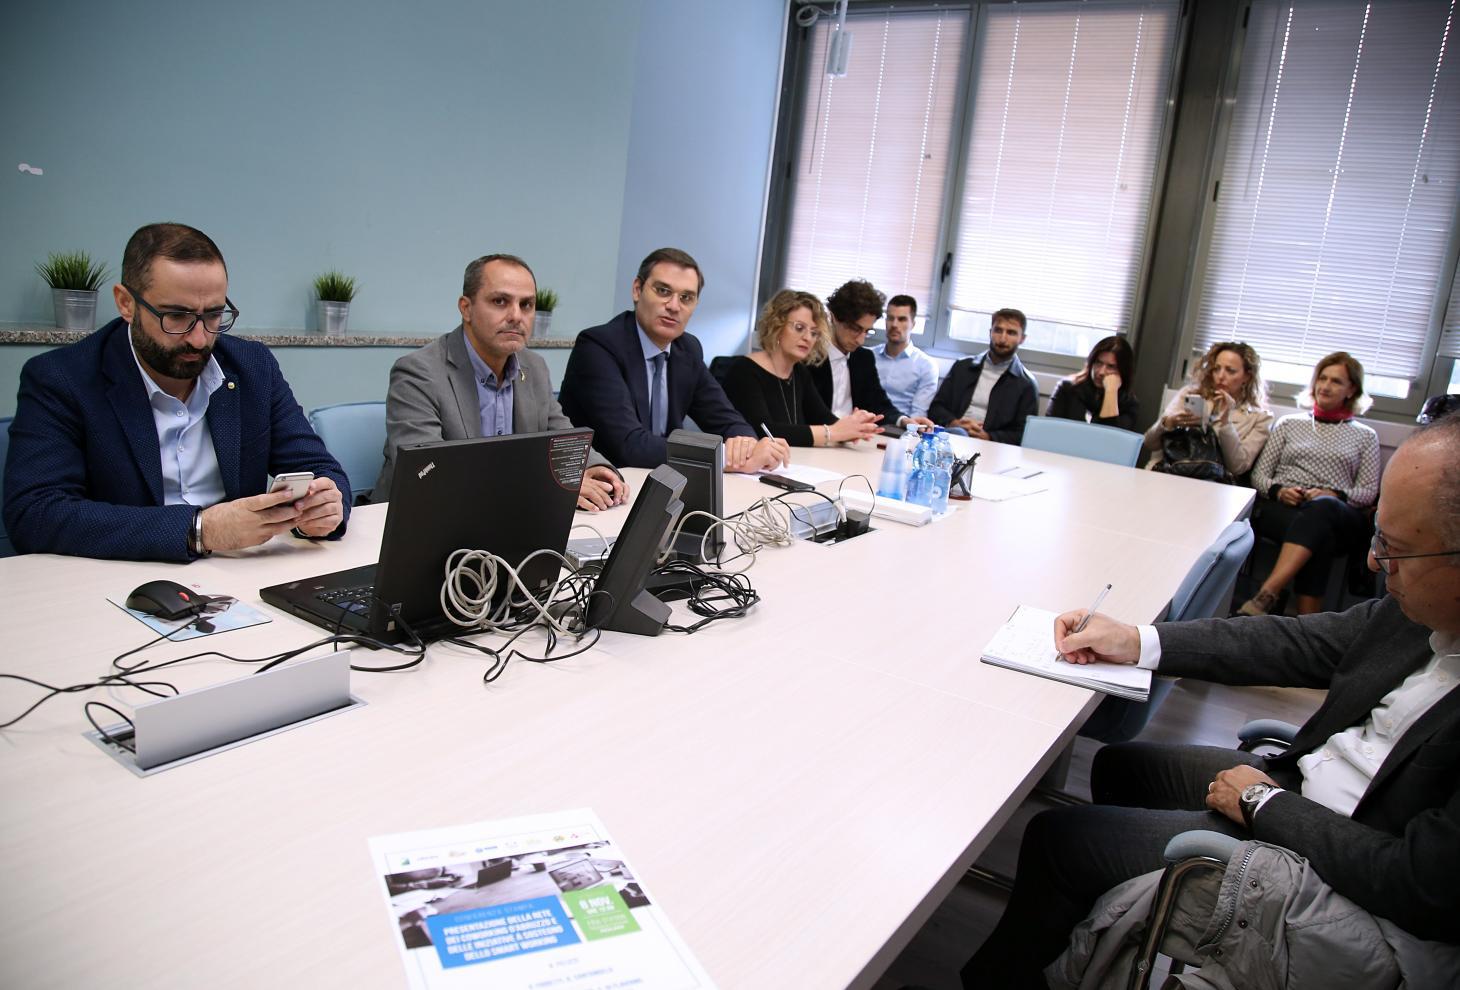 Nella foto, l'assessore Fioretti (secondo da sin.) ed il presidente FIRA Felizzi (al centro)